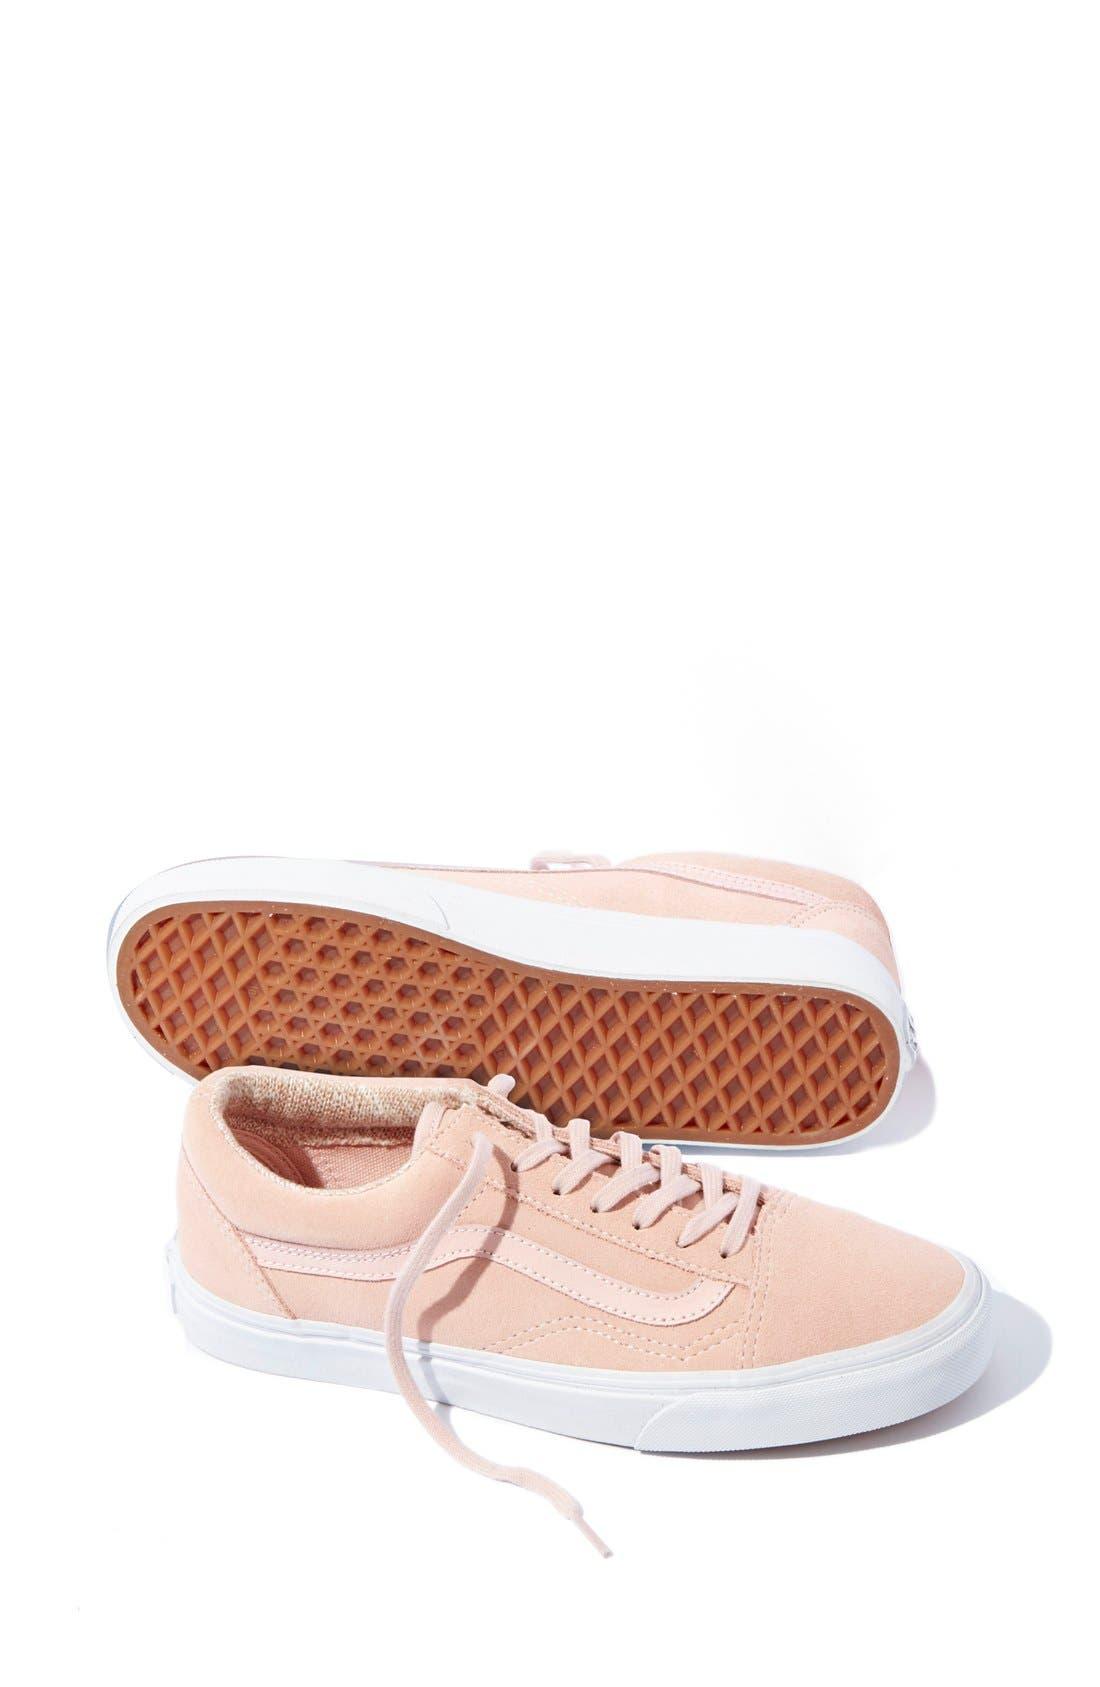 Alternate Image 1 Selected - Vans 'Old Skool' Sneaker (Unisex)